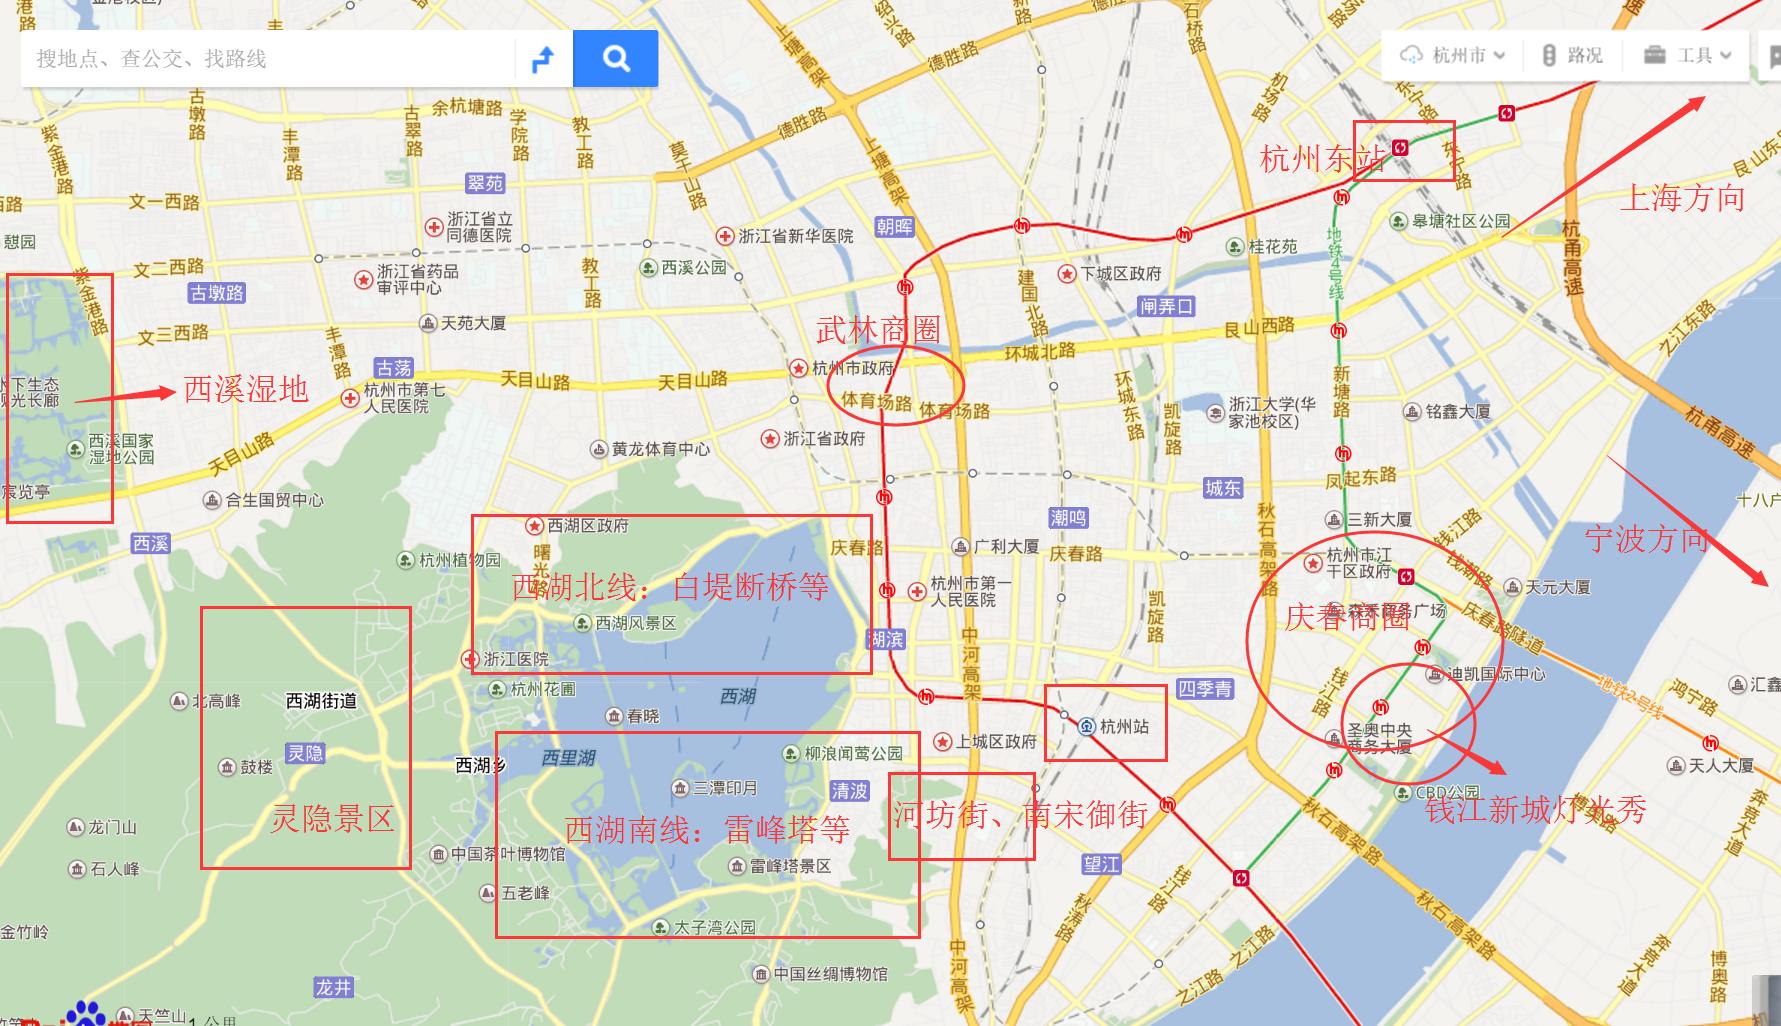 杭州一日游经典路线